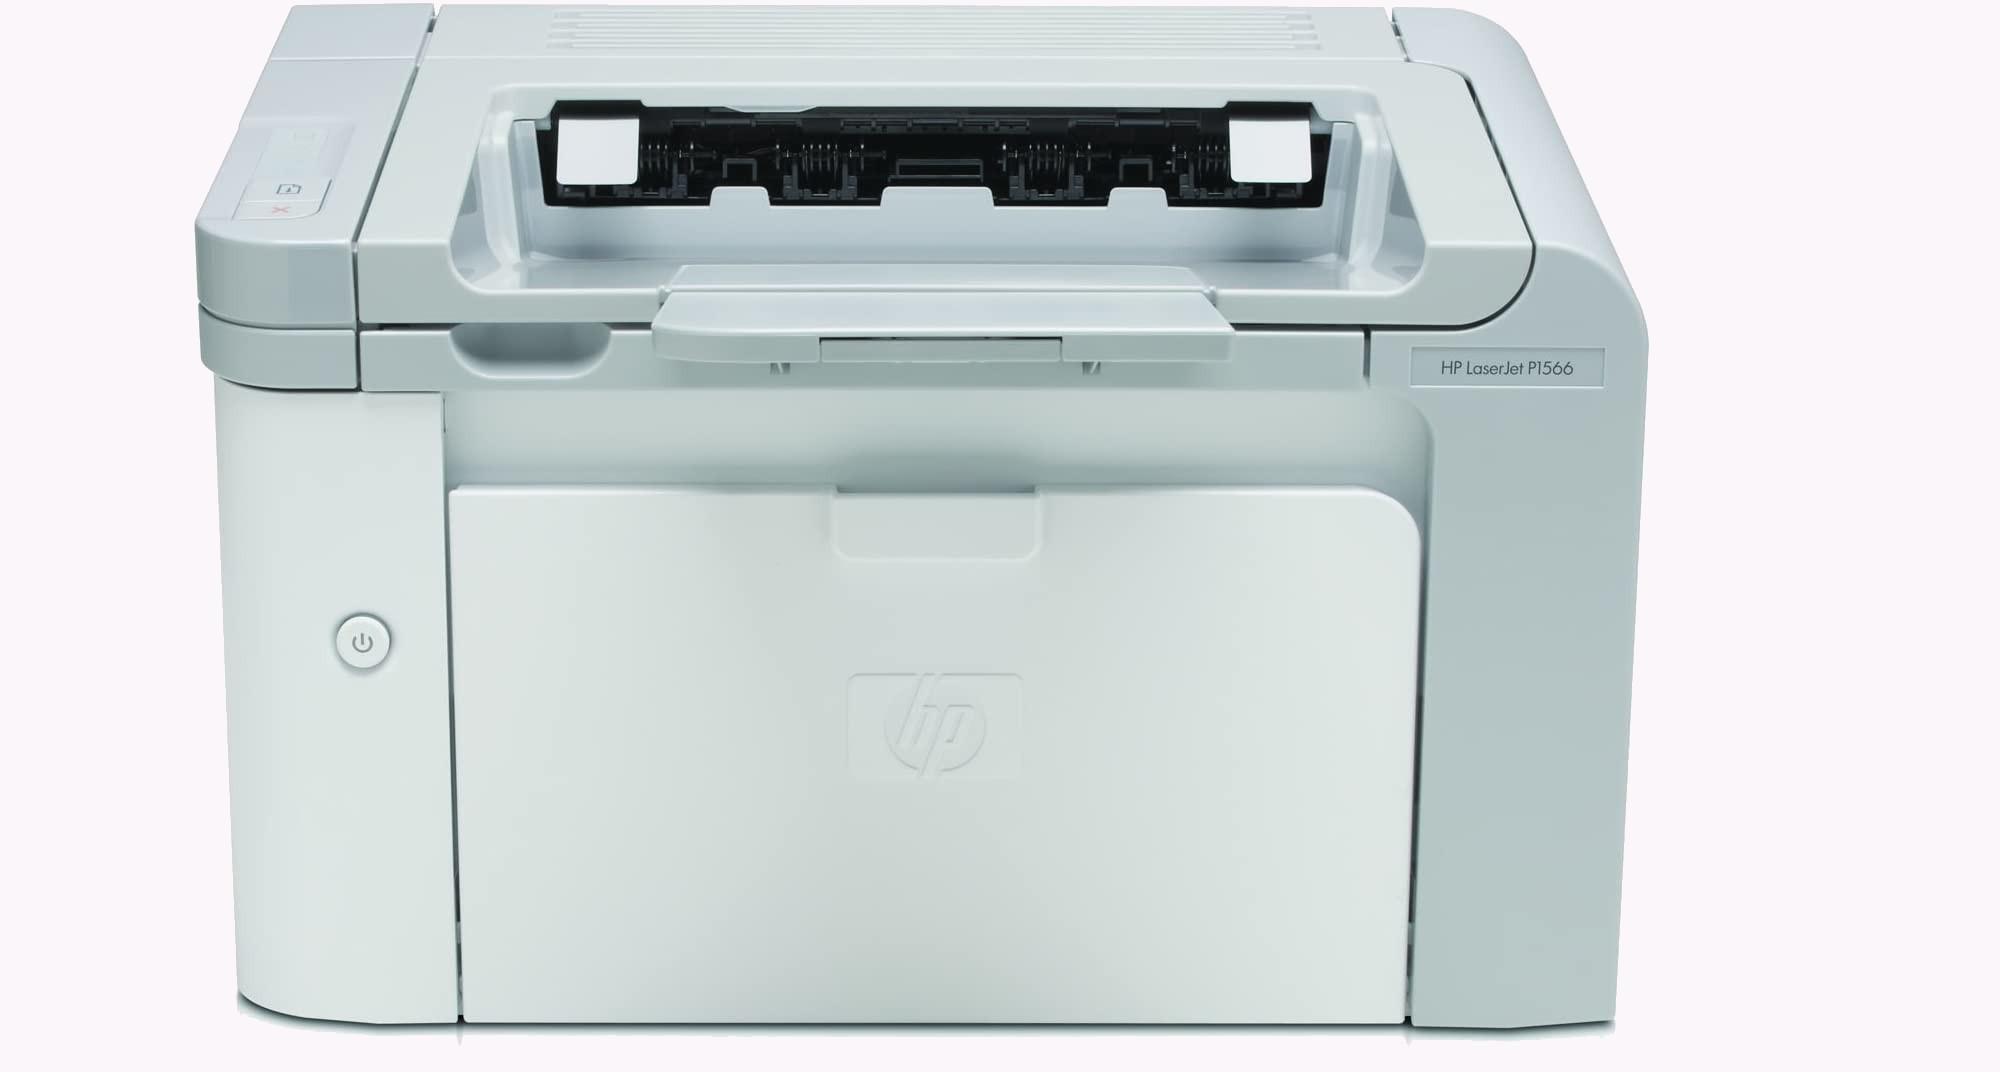 HP LaserJet Pro P1566 Toner cartridge